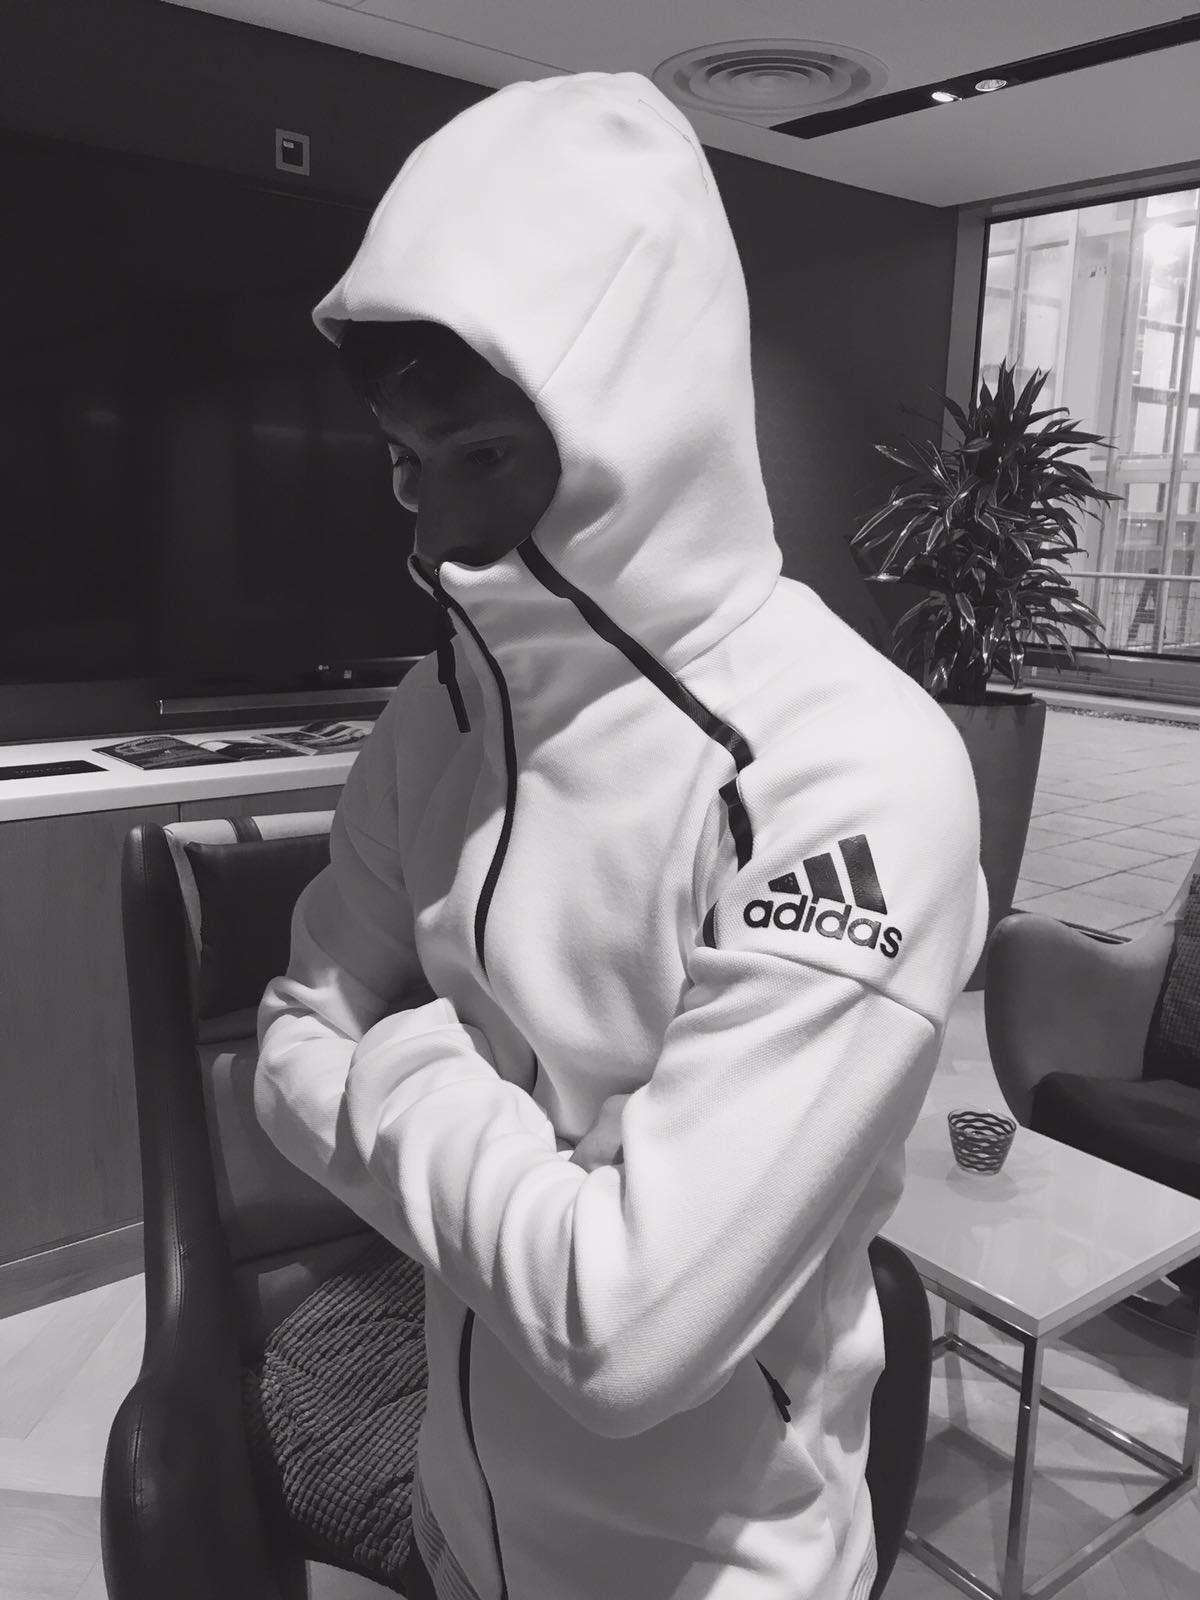 No importa el ruido ni los focos.Mi mente solo piensa en ganar #FindFocus #ZNE @adidas_ES https://t.co/WHjaFUeTFU